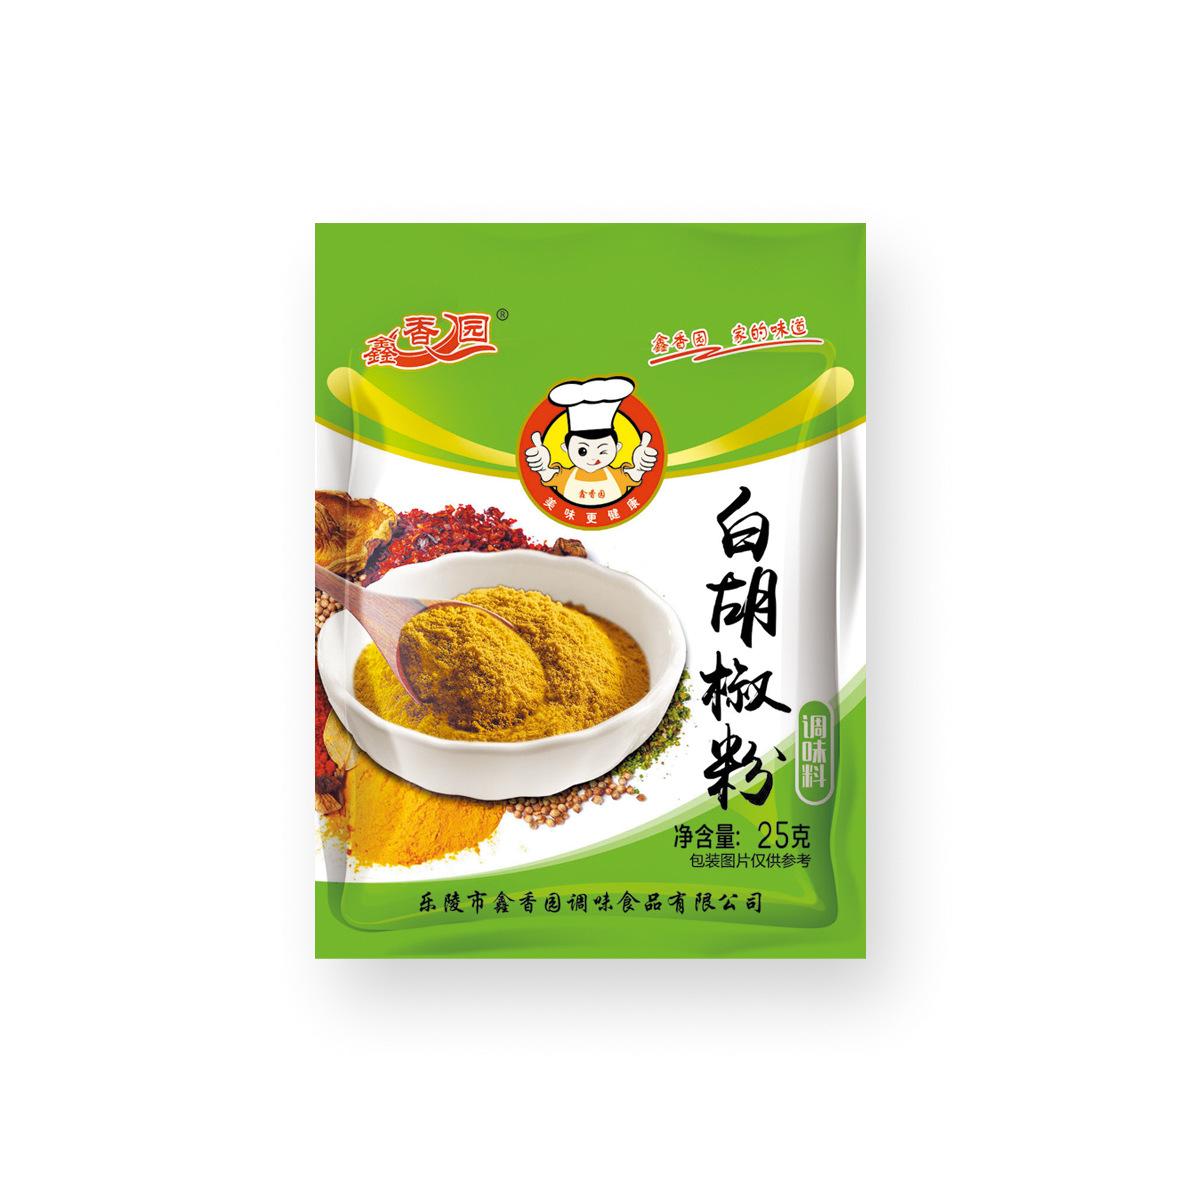 25克白胡椒粉(袋装)